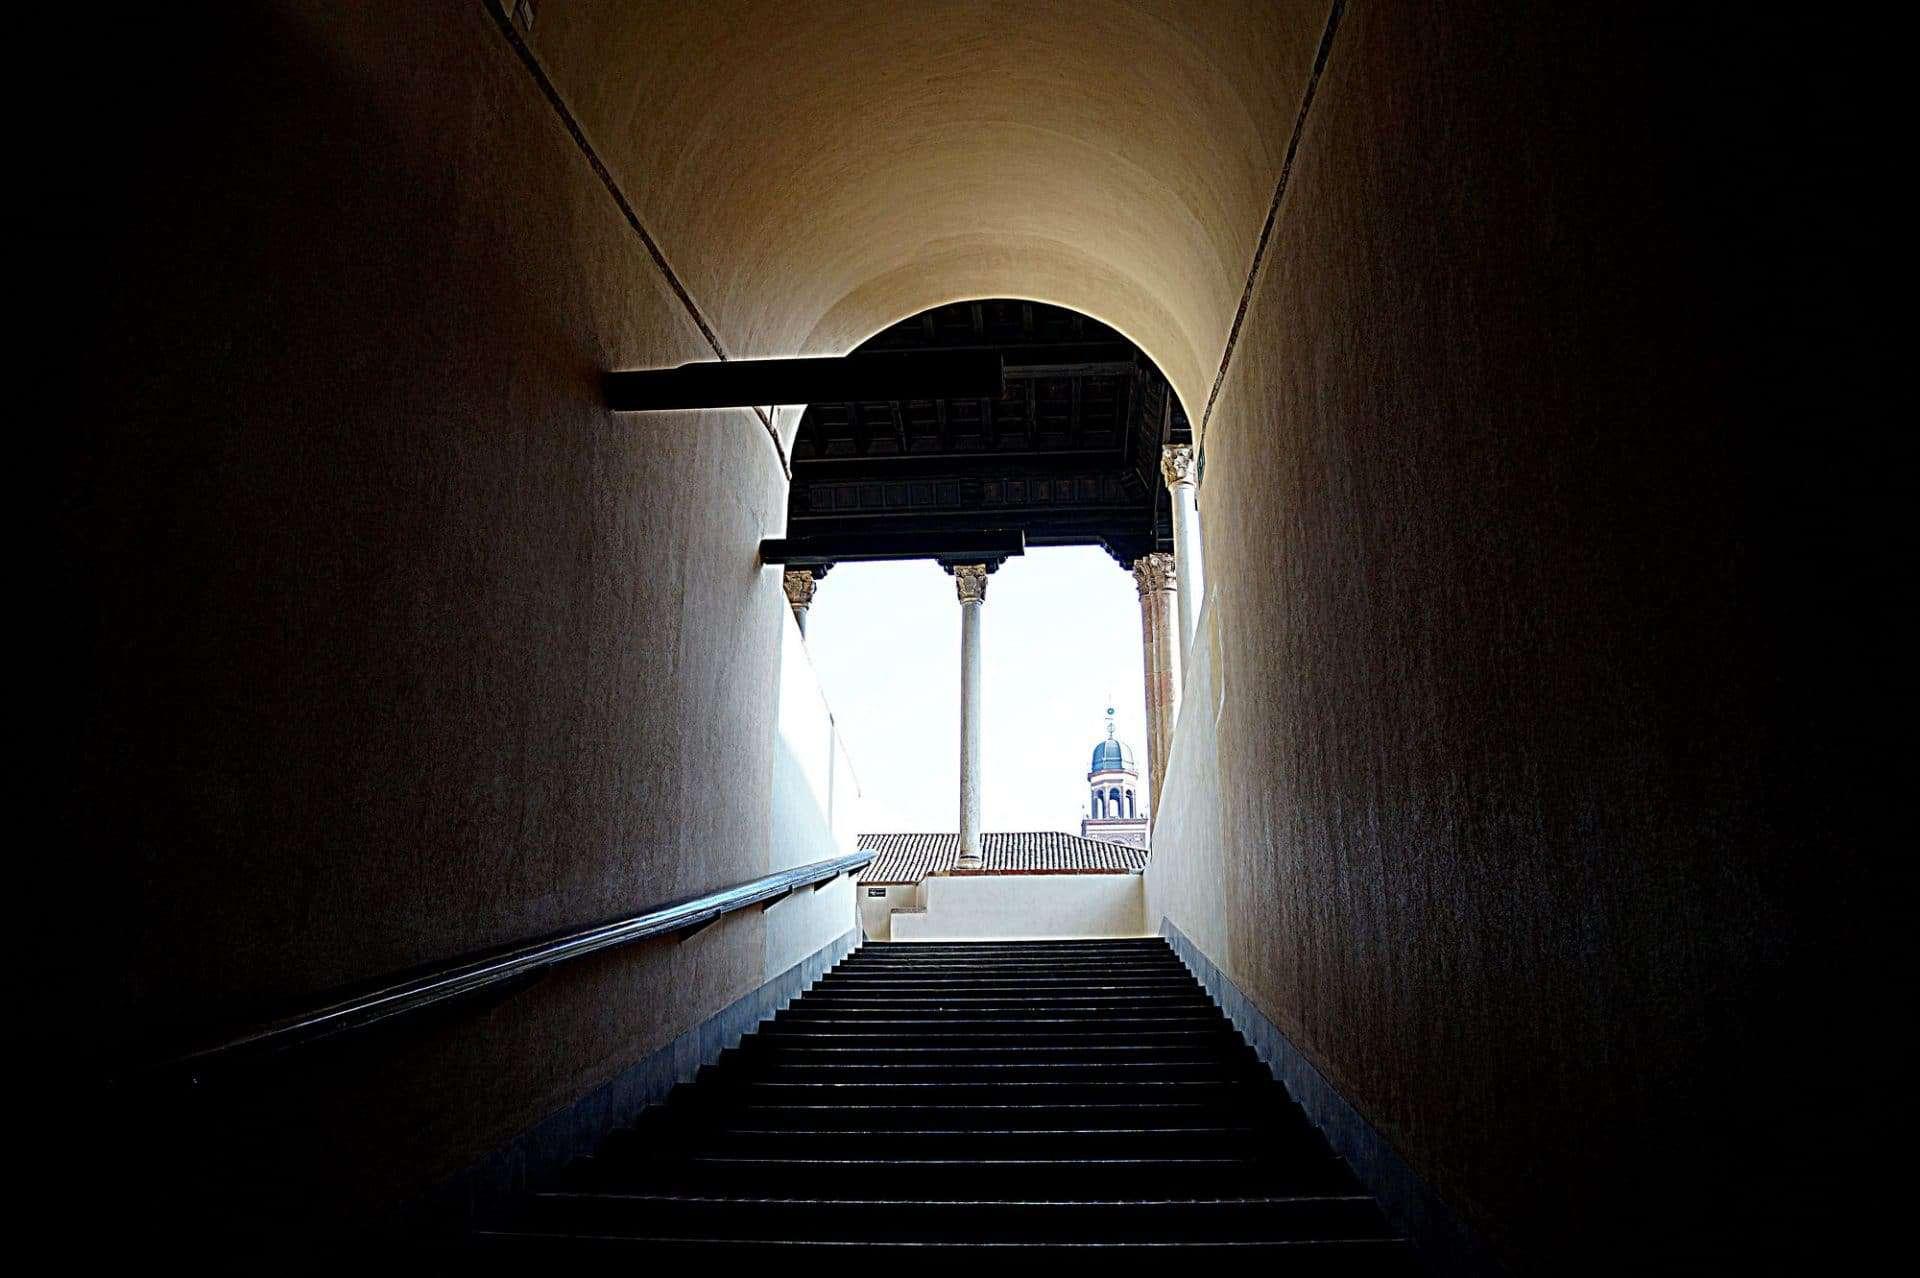 castello_sforzesco_milano_interni